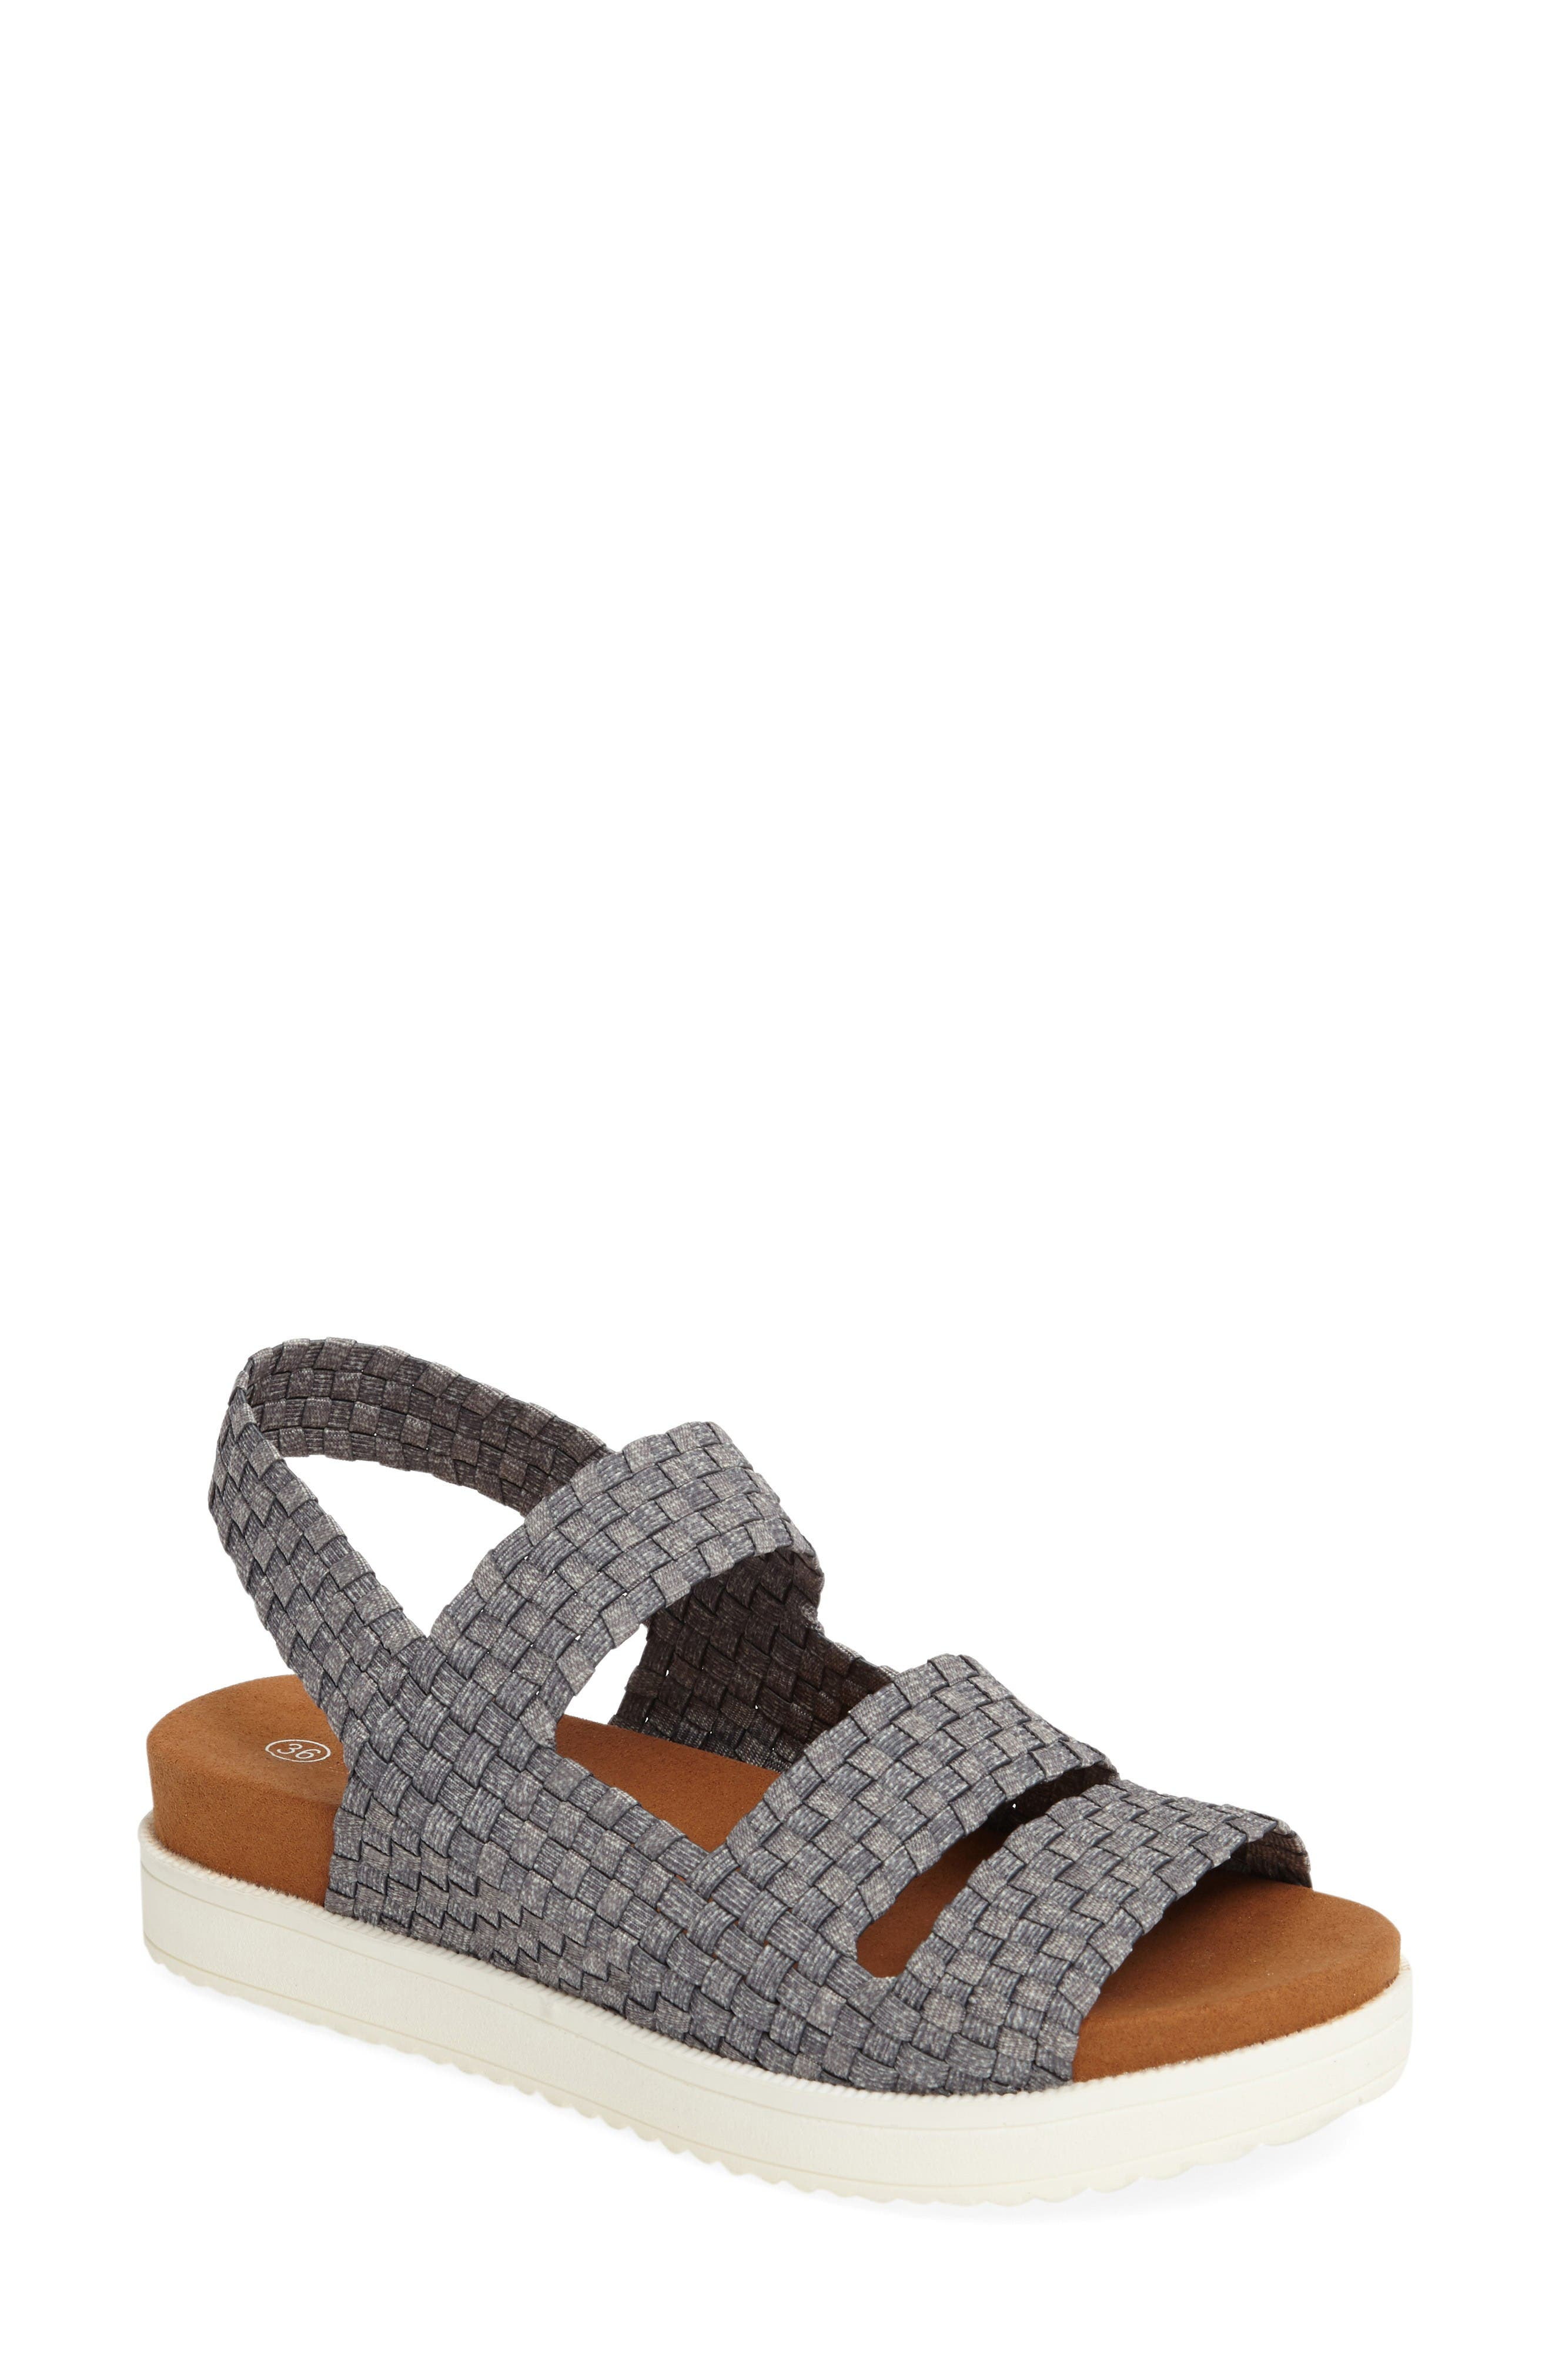 Bernie Mev Women's 'Crisp' Woven Platform Sandal owg7ZXfR6